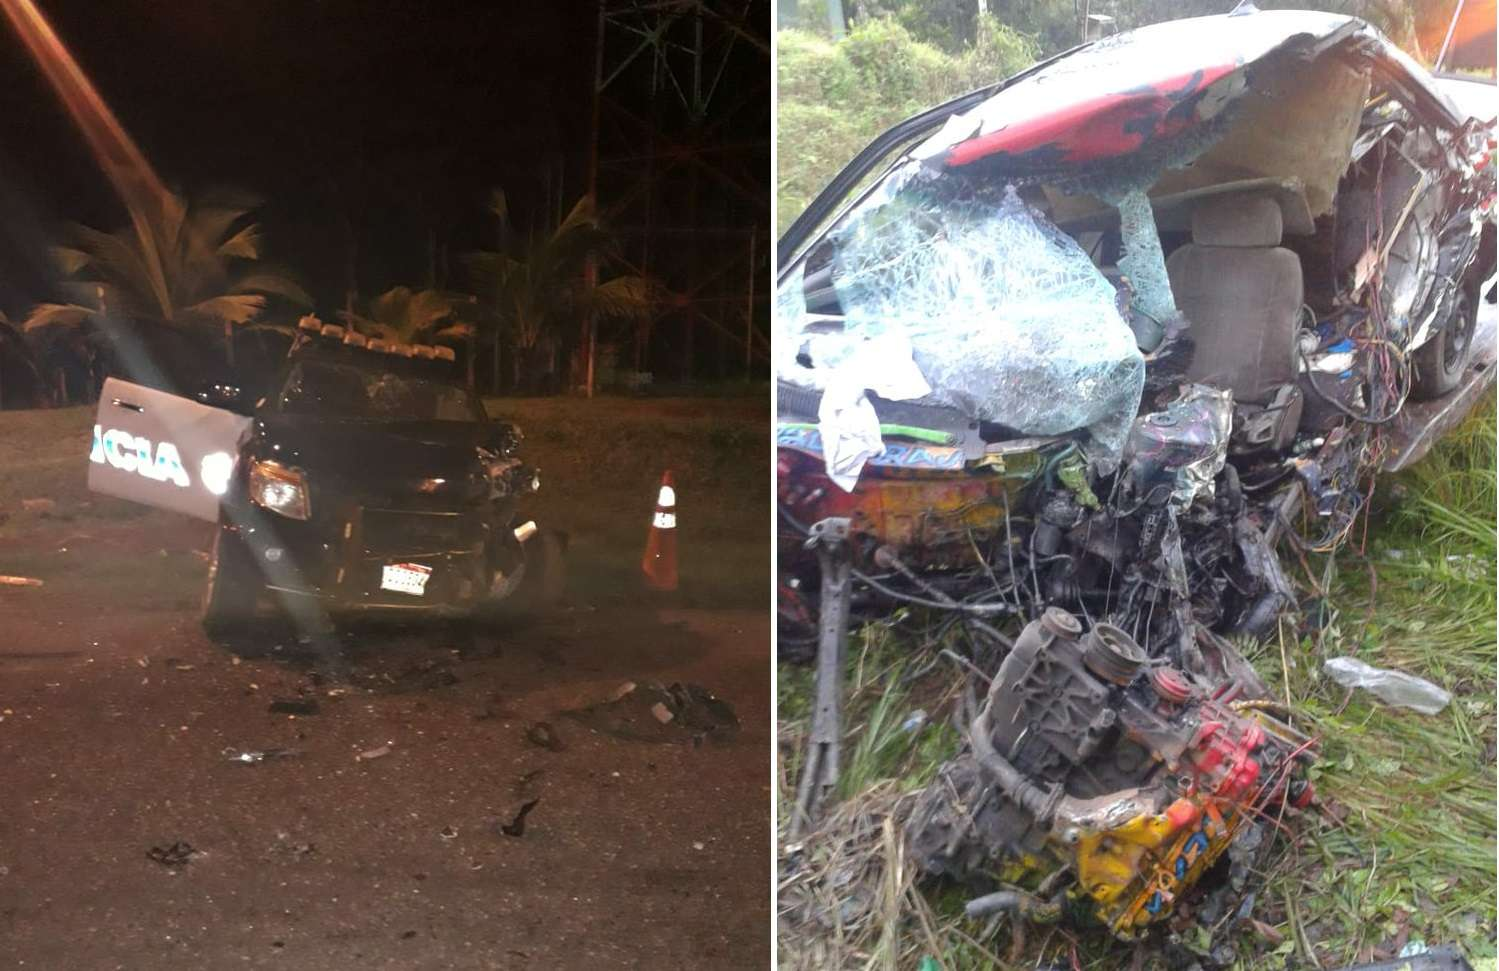 Vista general de la condición en la que quedaron los vehículos involucrados. Fotos: @TraficoCPanama